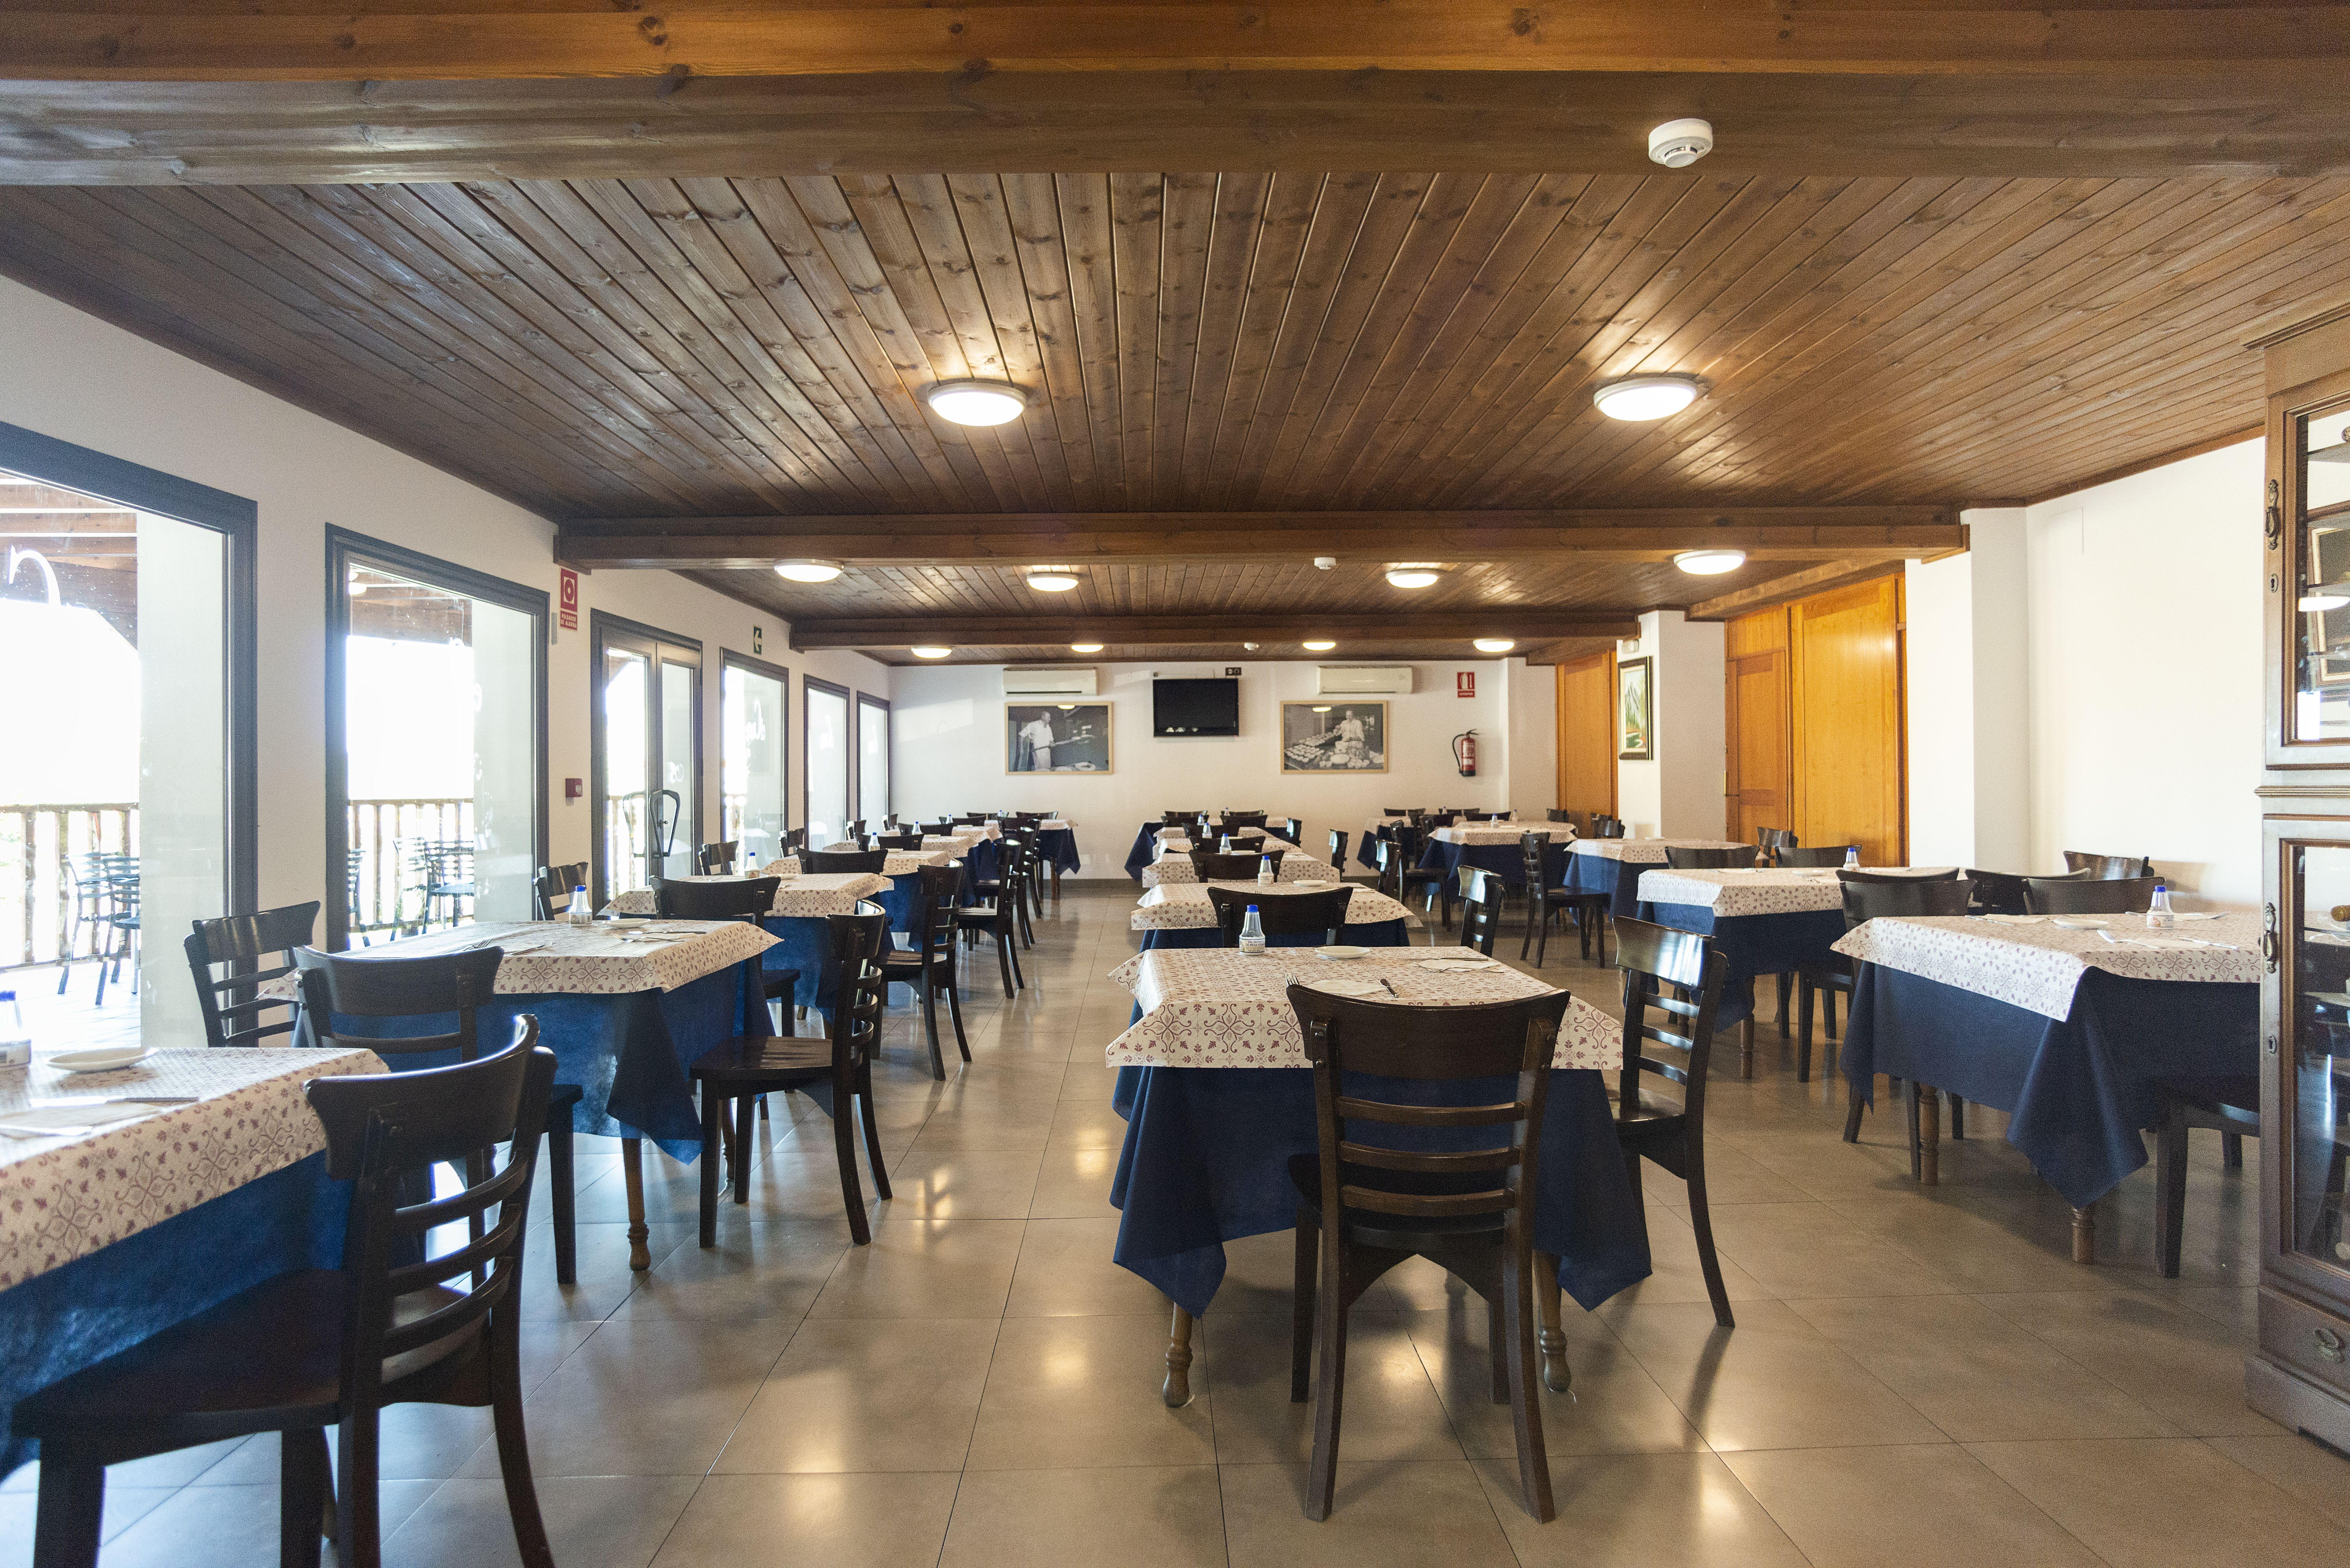 Cafetería, desayunos y meriendas Córdoba